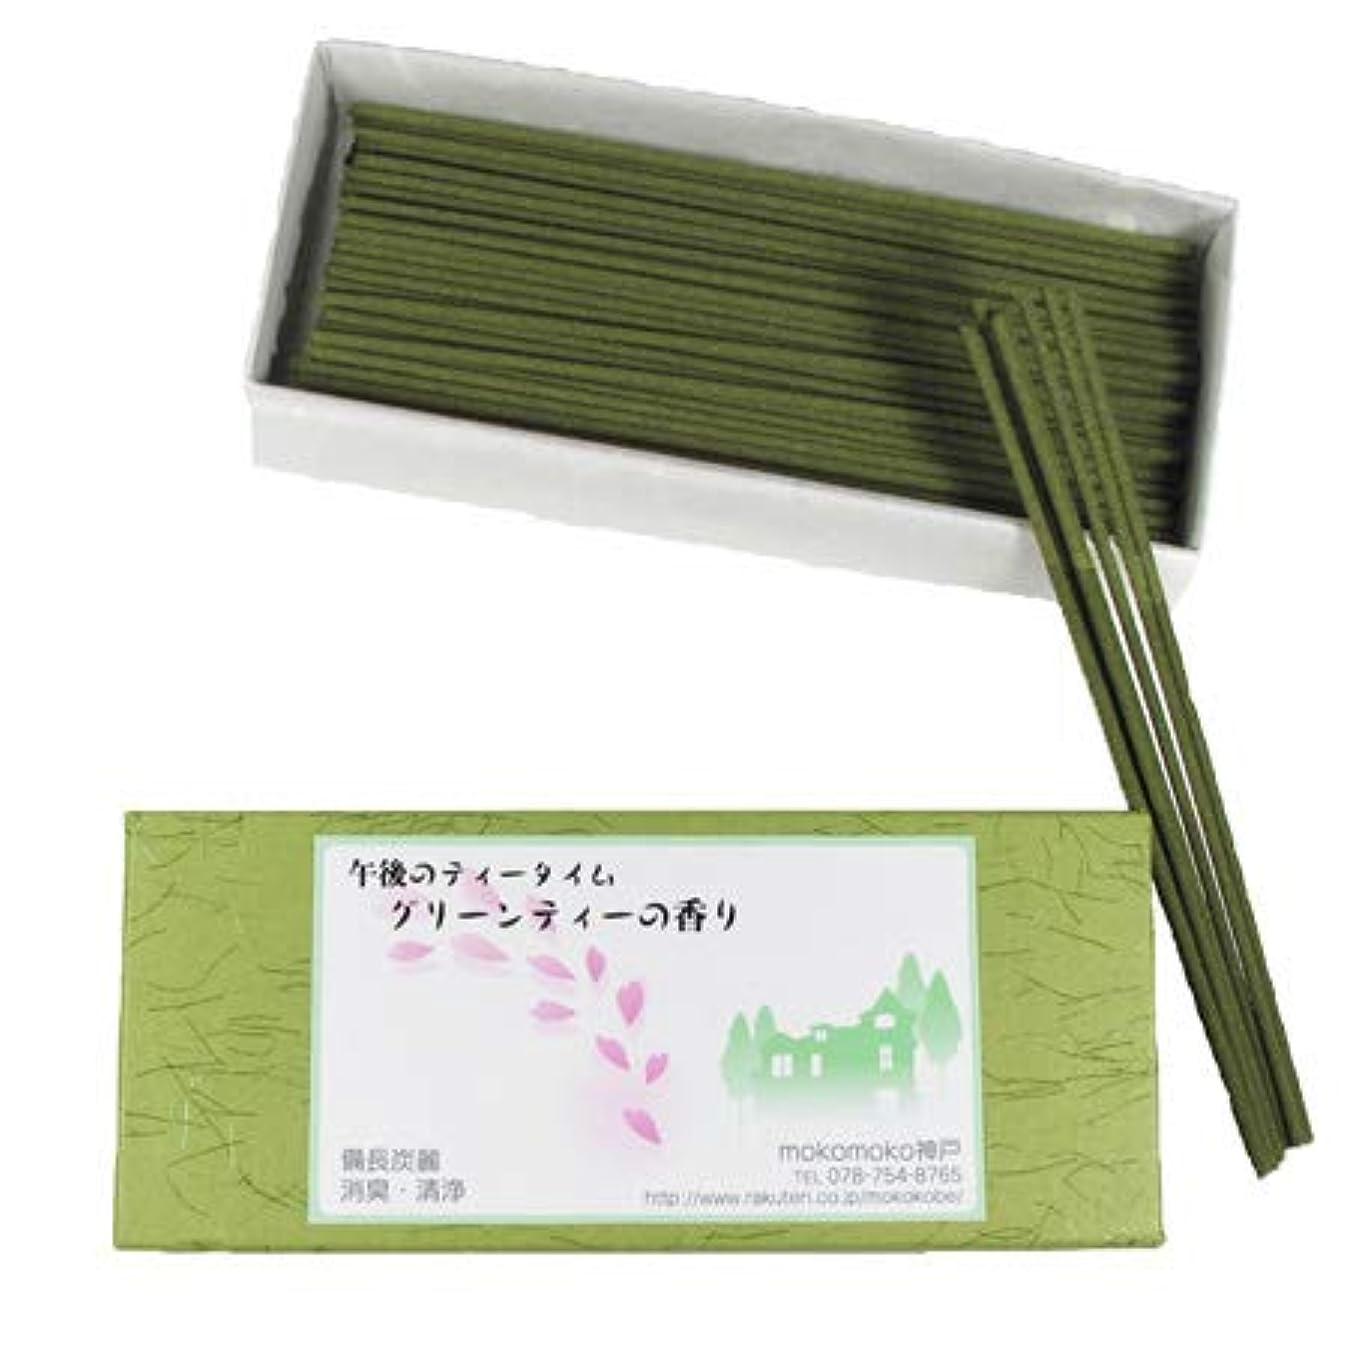 十二生き物遮る健康線香「グリーンティーの香り」